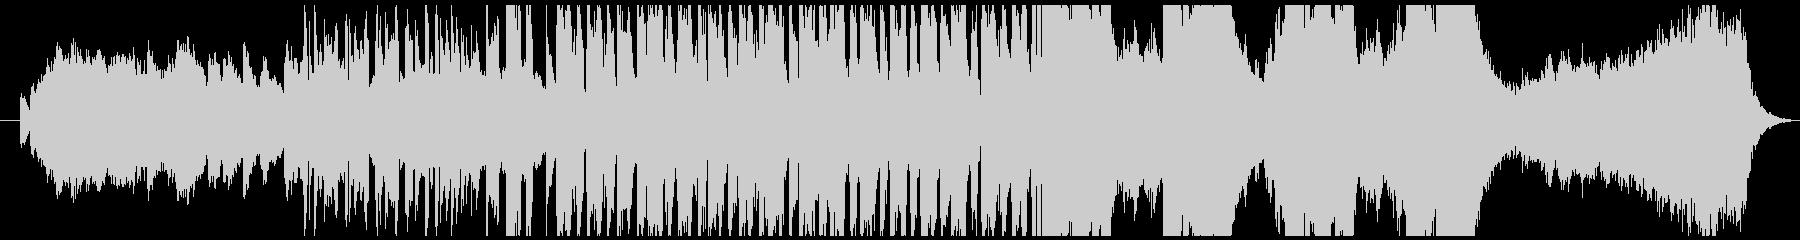 ハロウィン・かわいいホラー曲(ループ)の未再生の波形